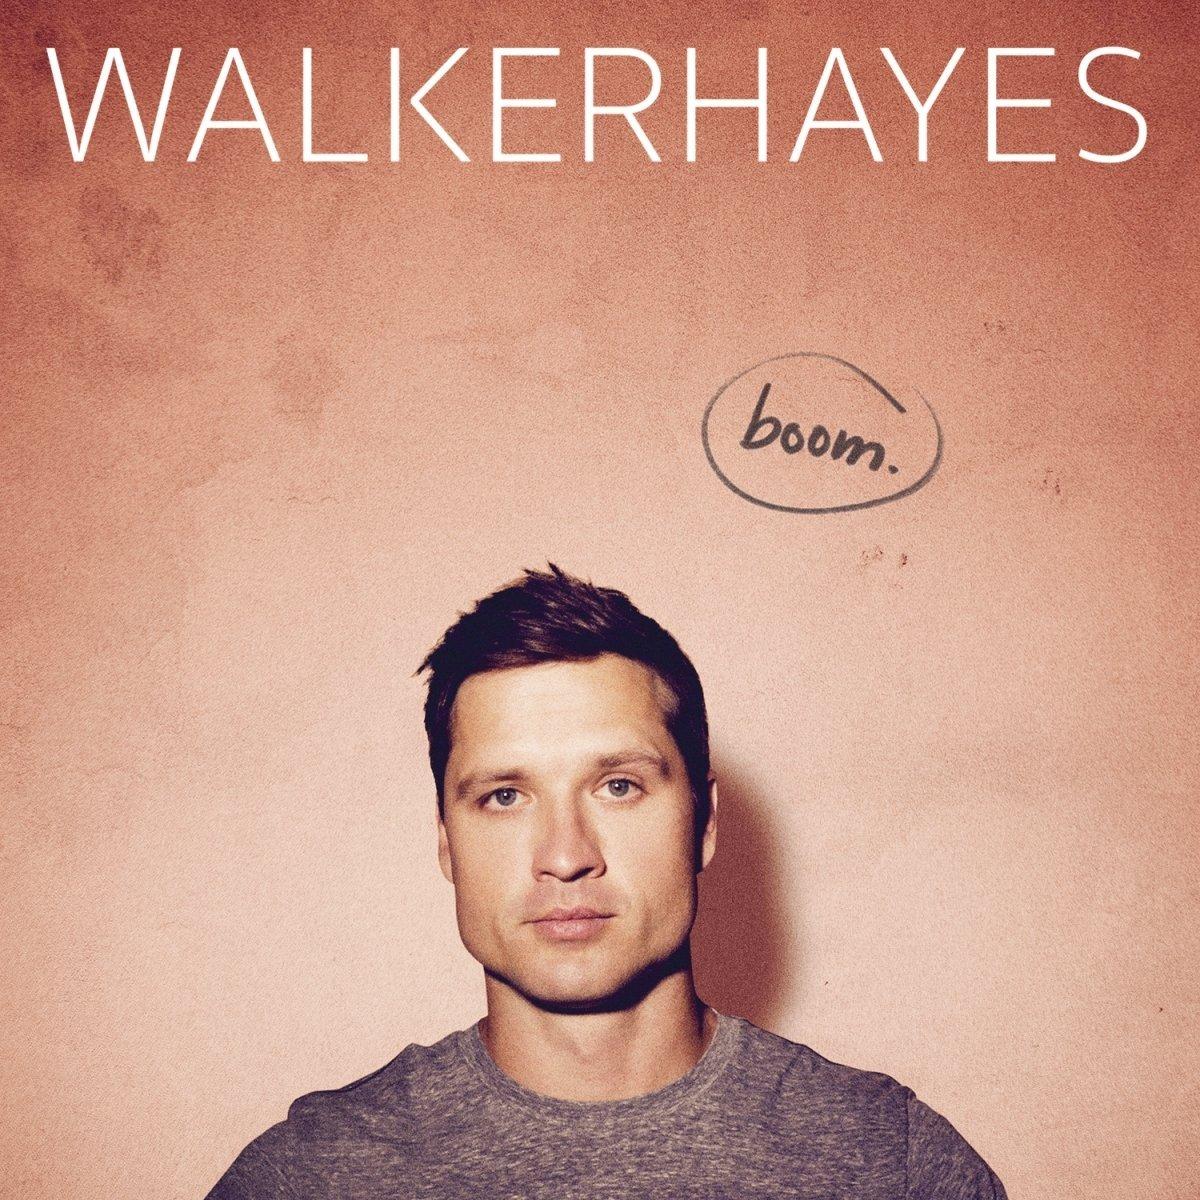 Walker Hayes - boom.jpg